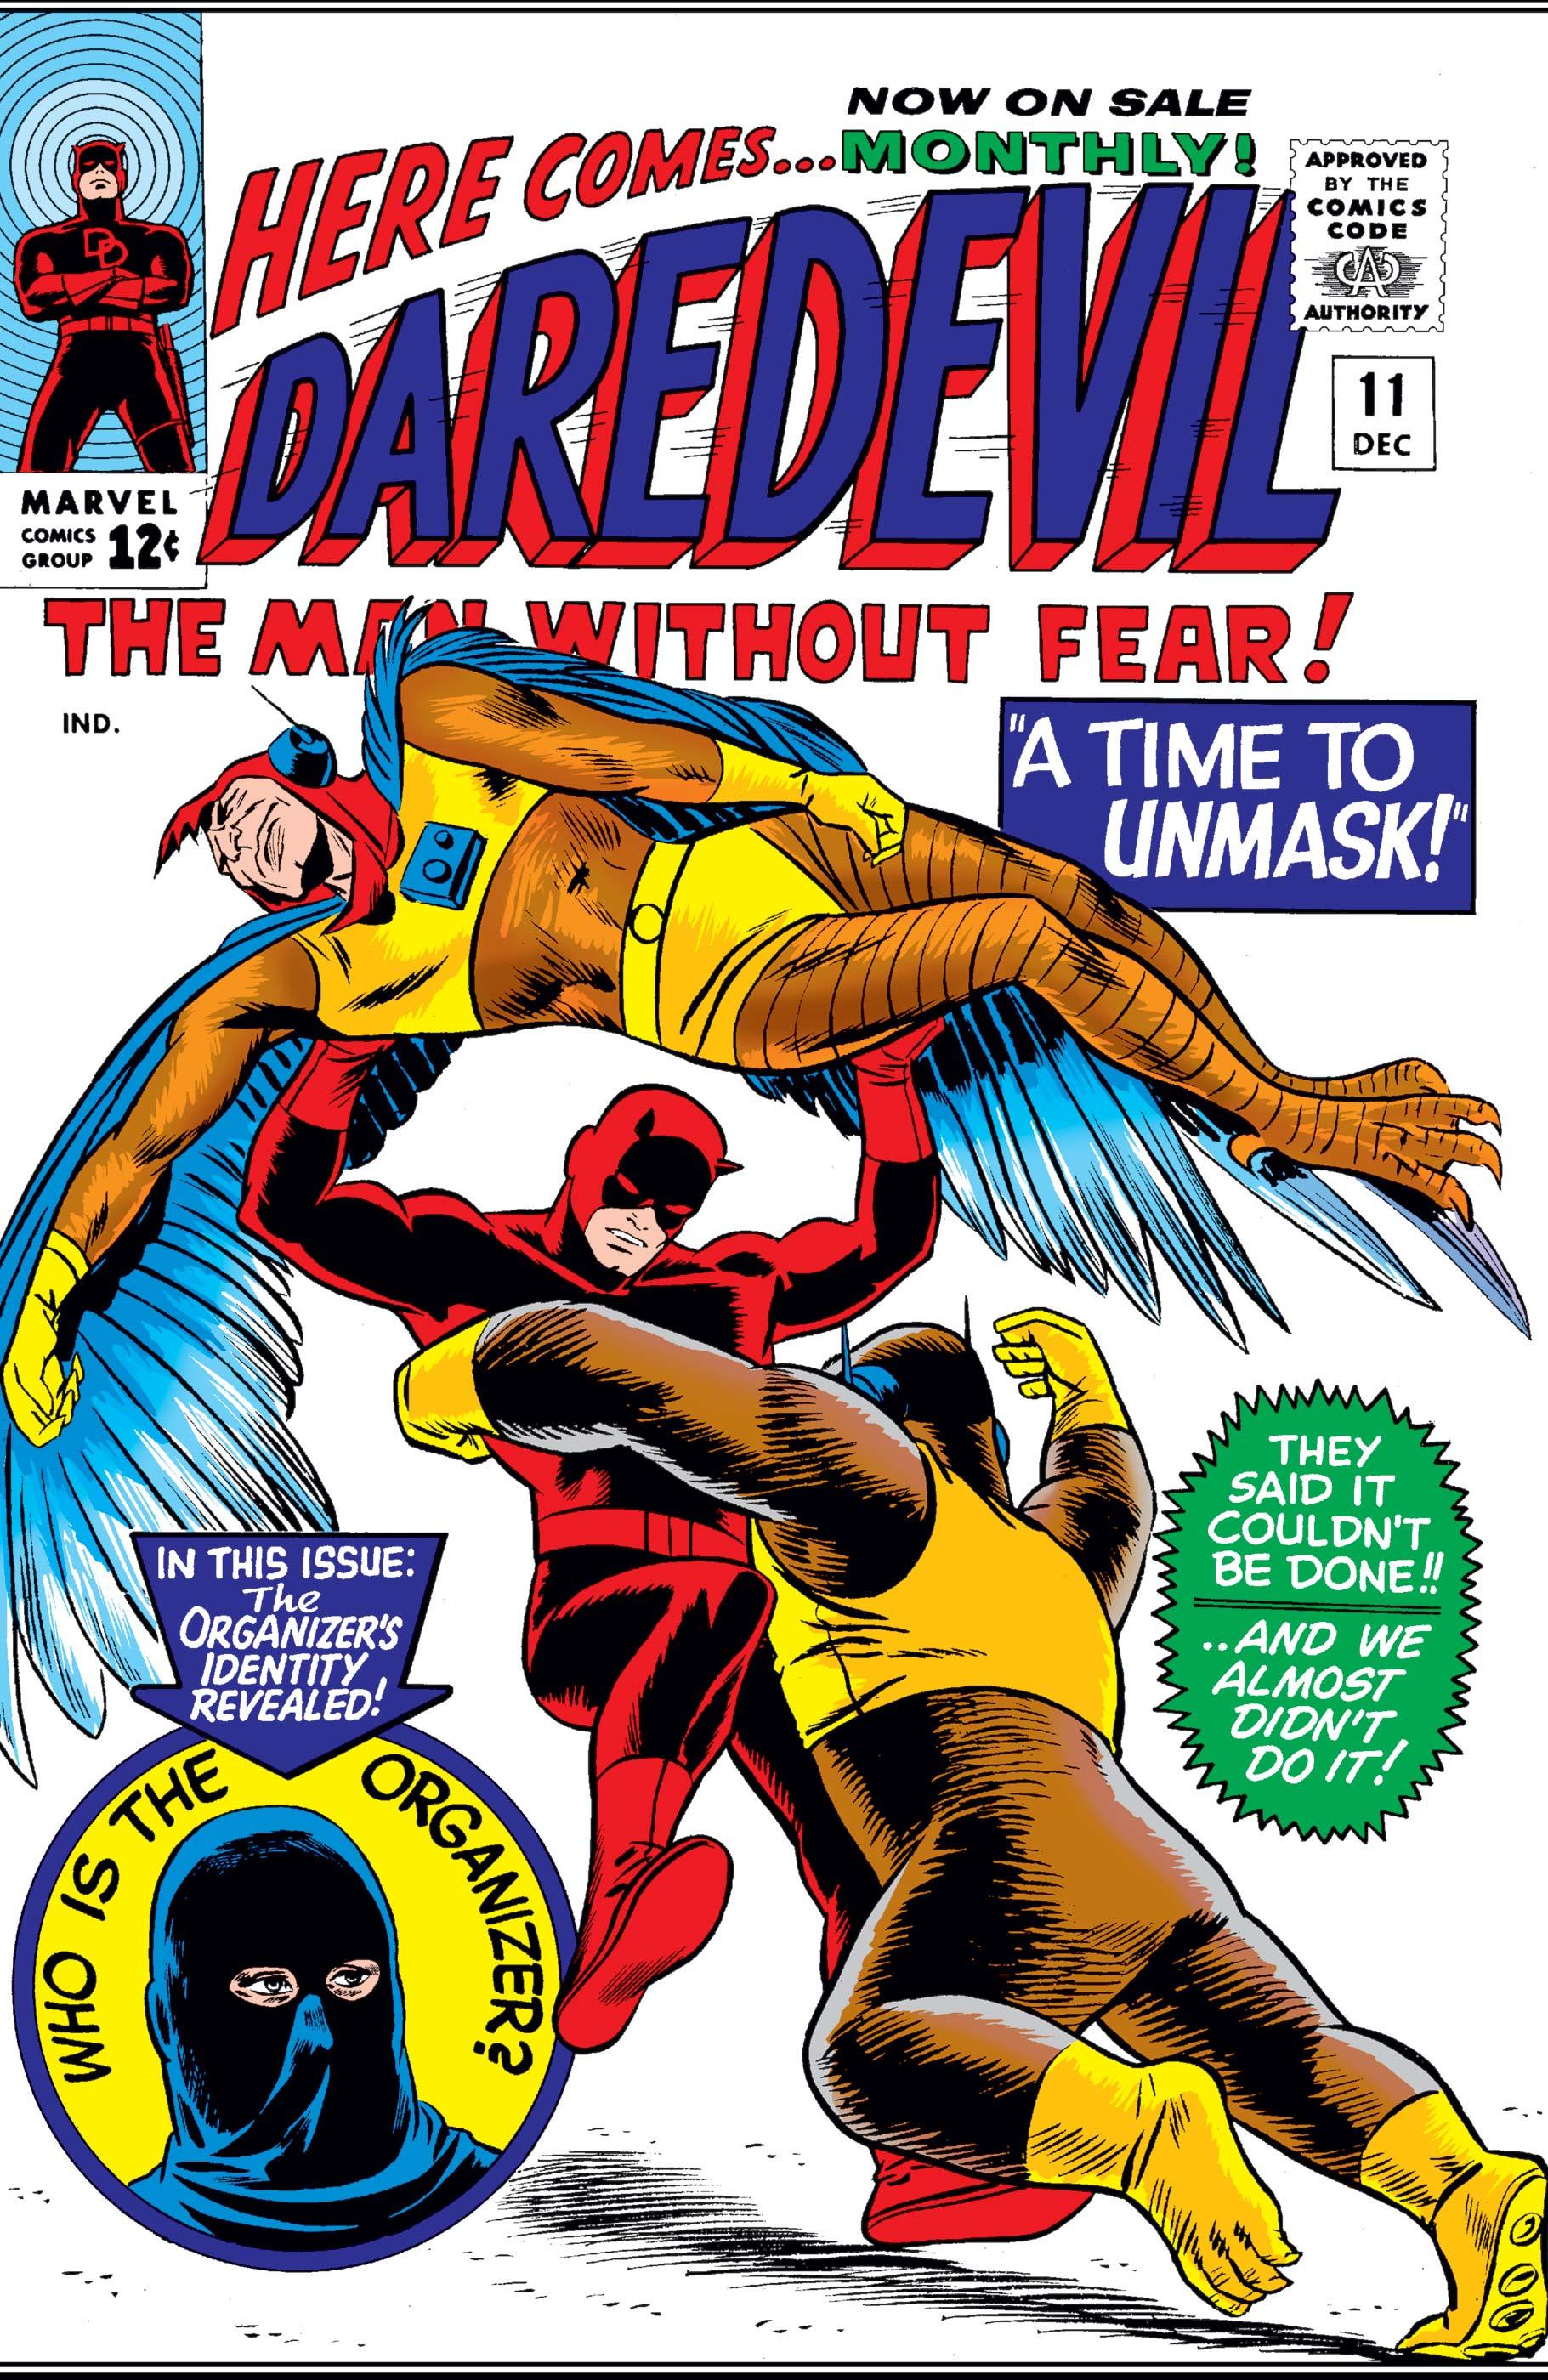 Daredevil (1964) #11